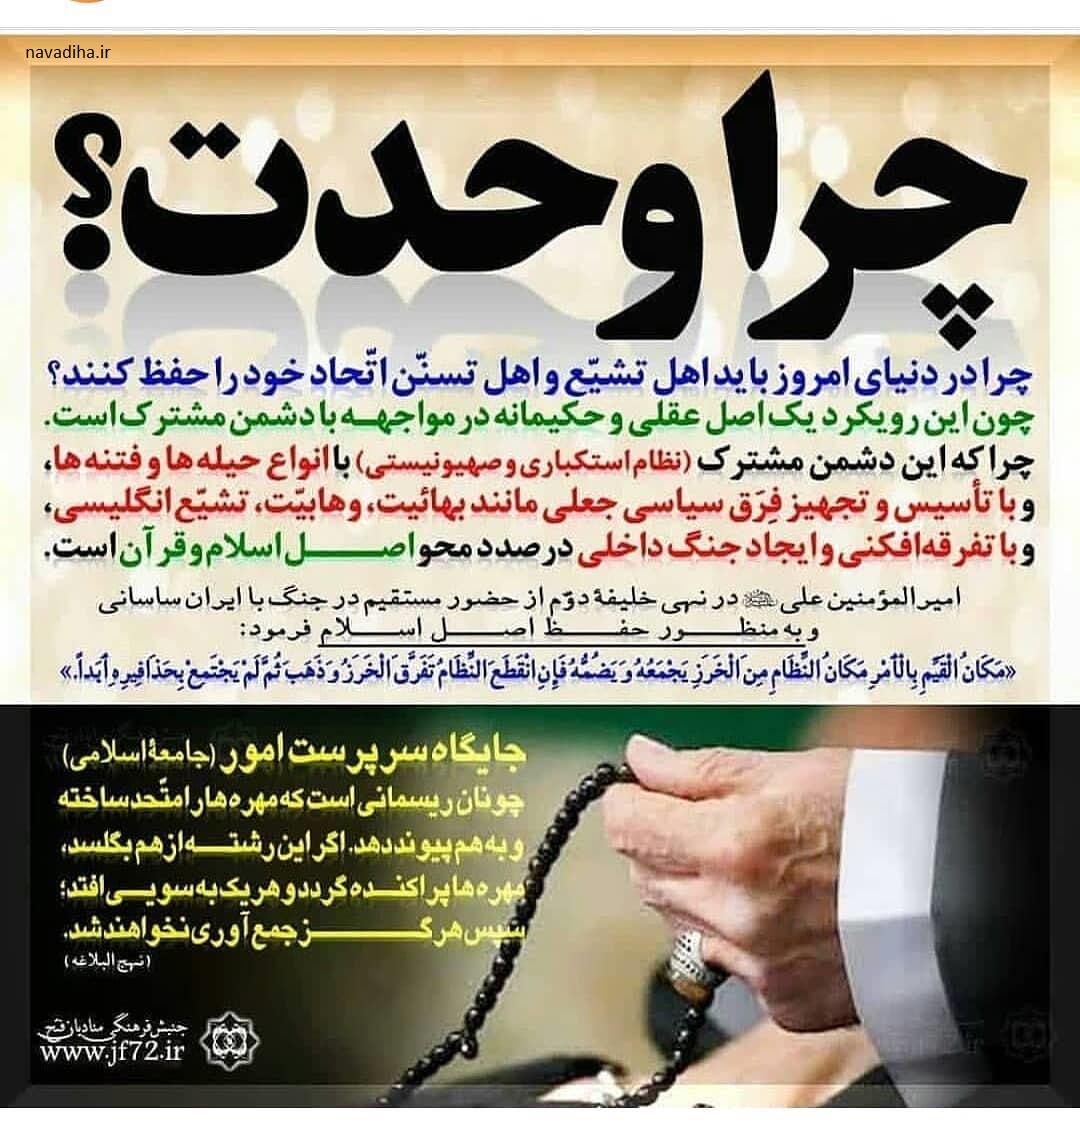 پاسخ مدیر سایت اسلام مووی به معترضان شعار سنی و شیعه با هم برادرند